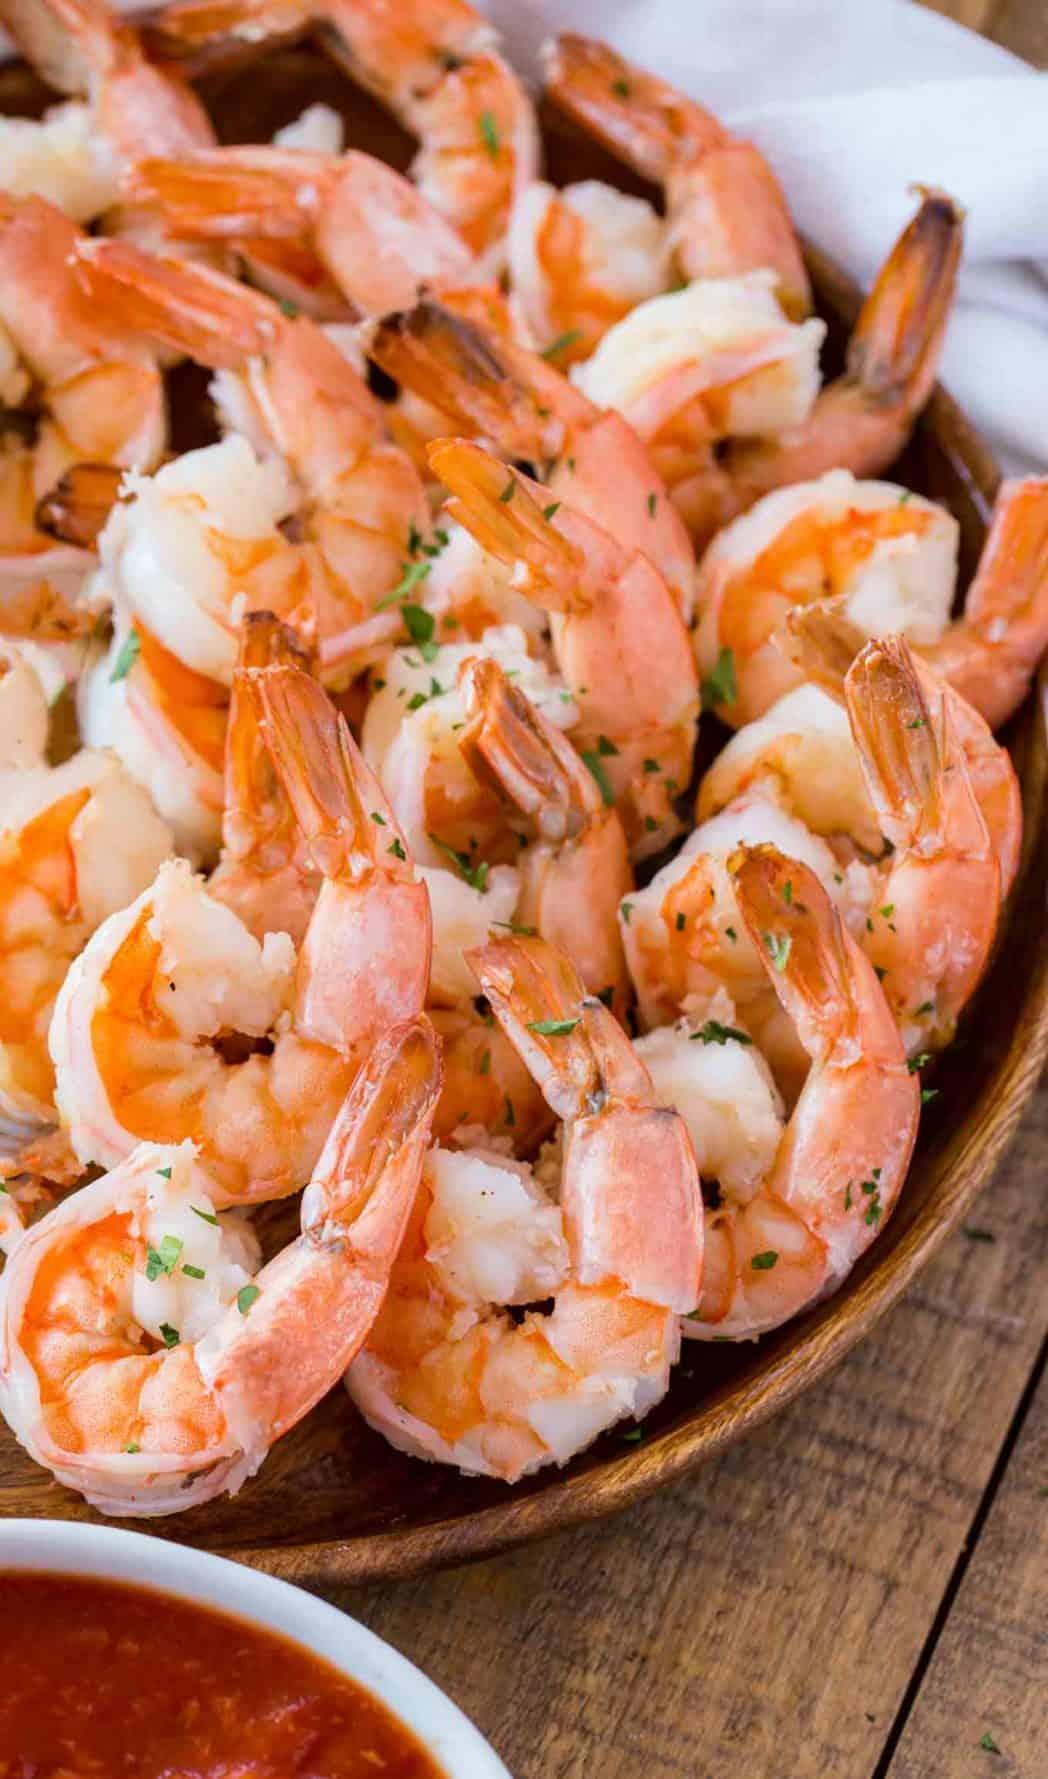 Shrimp Cocktail Dinner Then Dessert